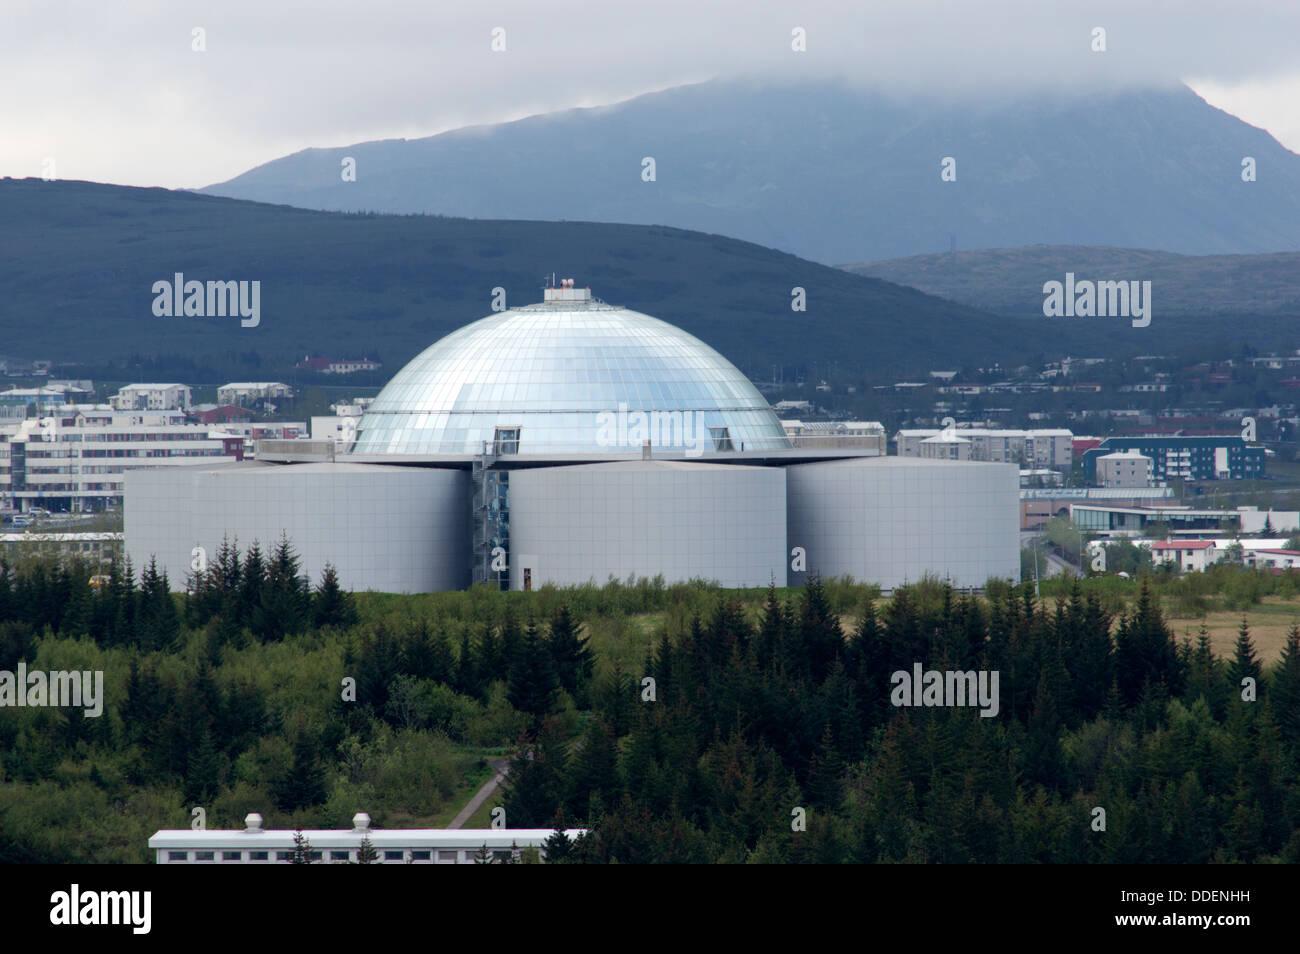 The Perlan Building housing the Saga Museum in Reykjavik, Iceland - Stock Image